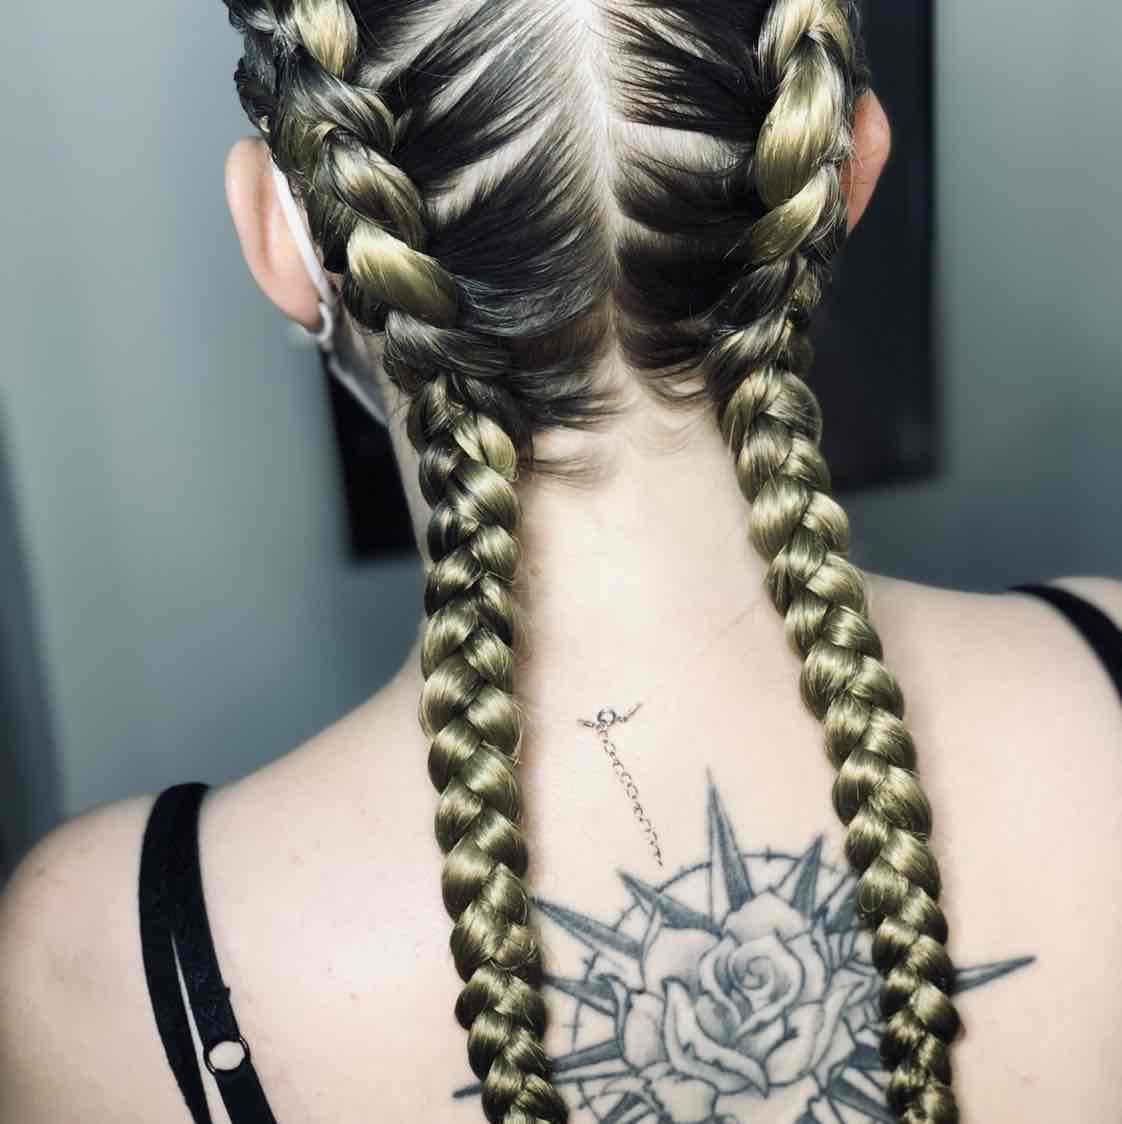 salon de coiffure afro tresse tresses box braids crochet braids vanilles tissages paris 75 77 78 91 92 93 94 95 KBEACWUR